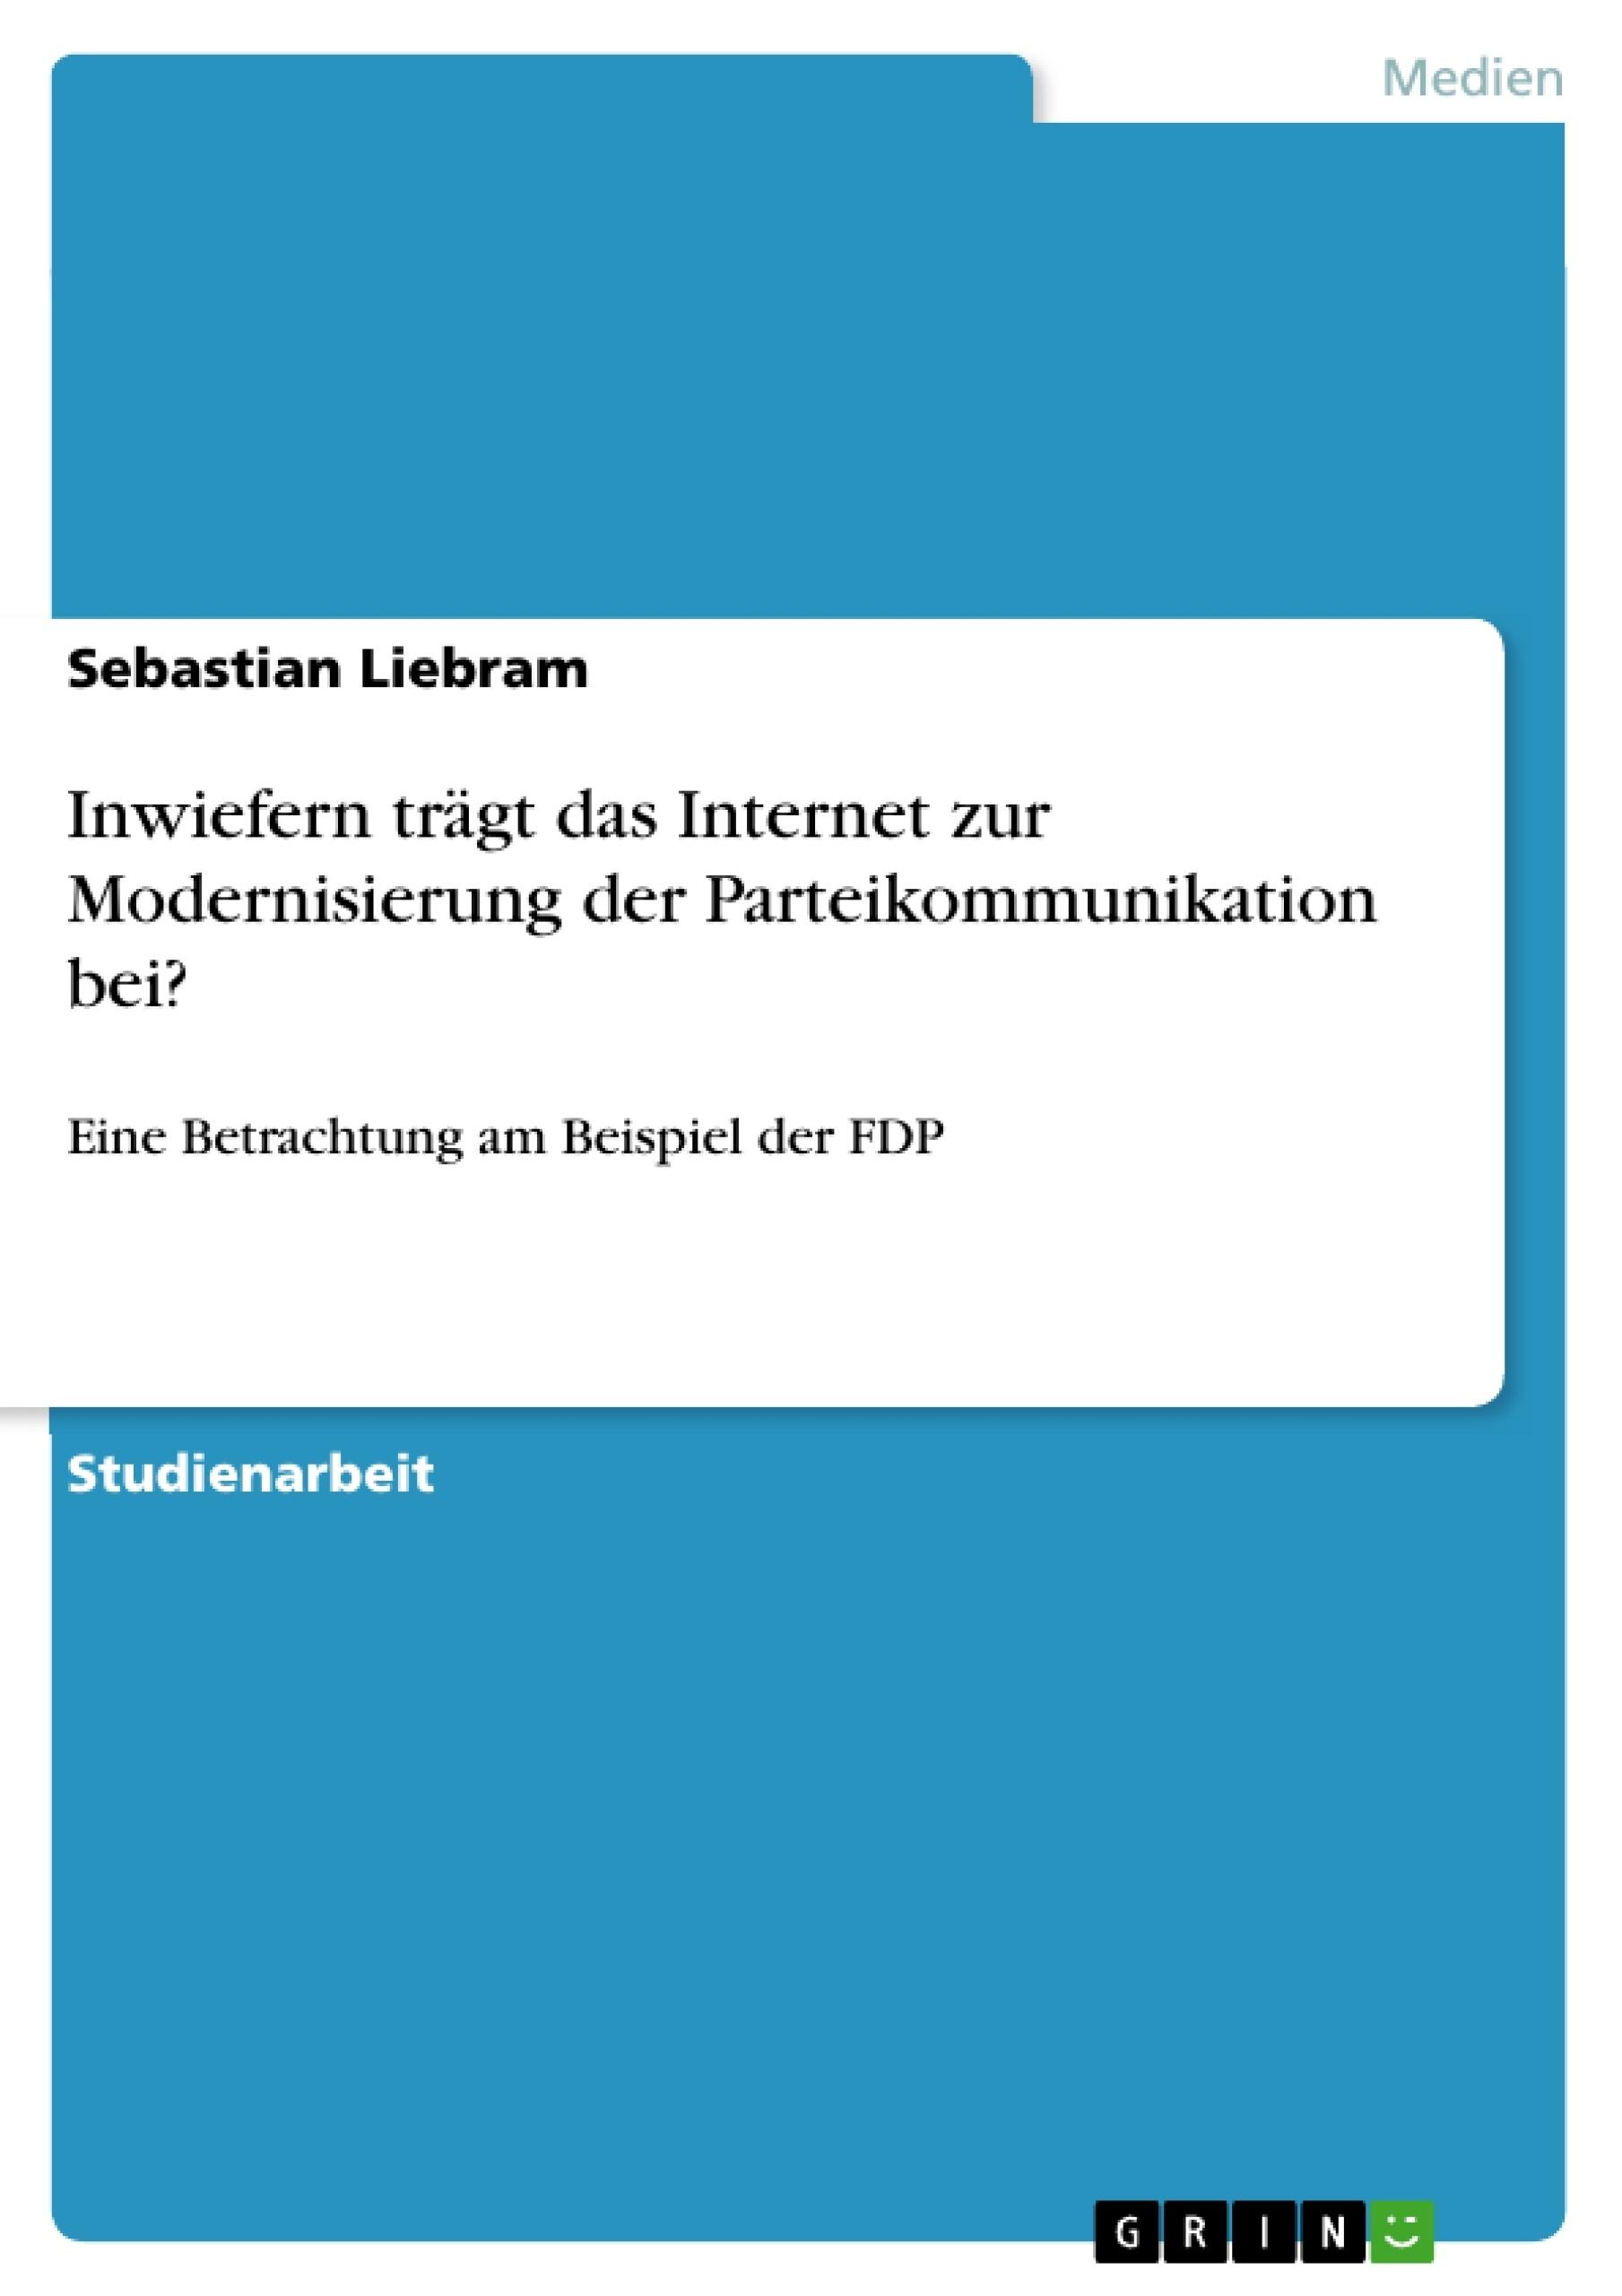 Titel: Inwiefern trägt das Internet zur Modernisierung der Parteikommunikation bei?